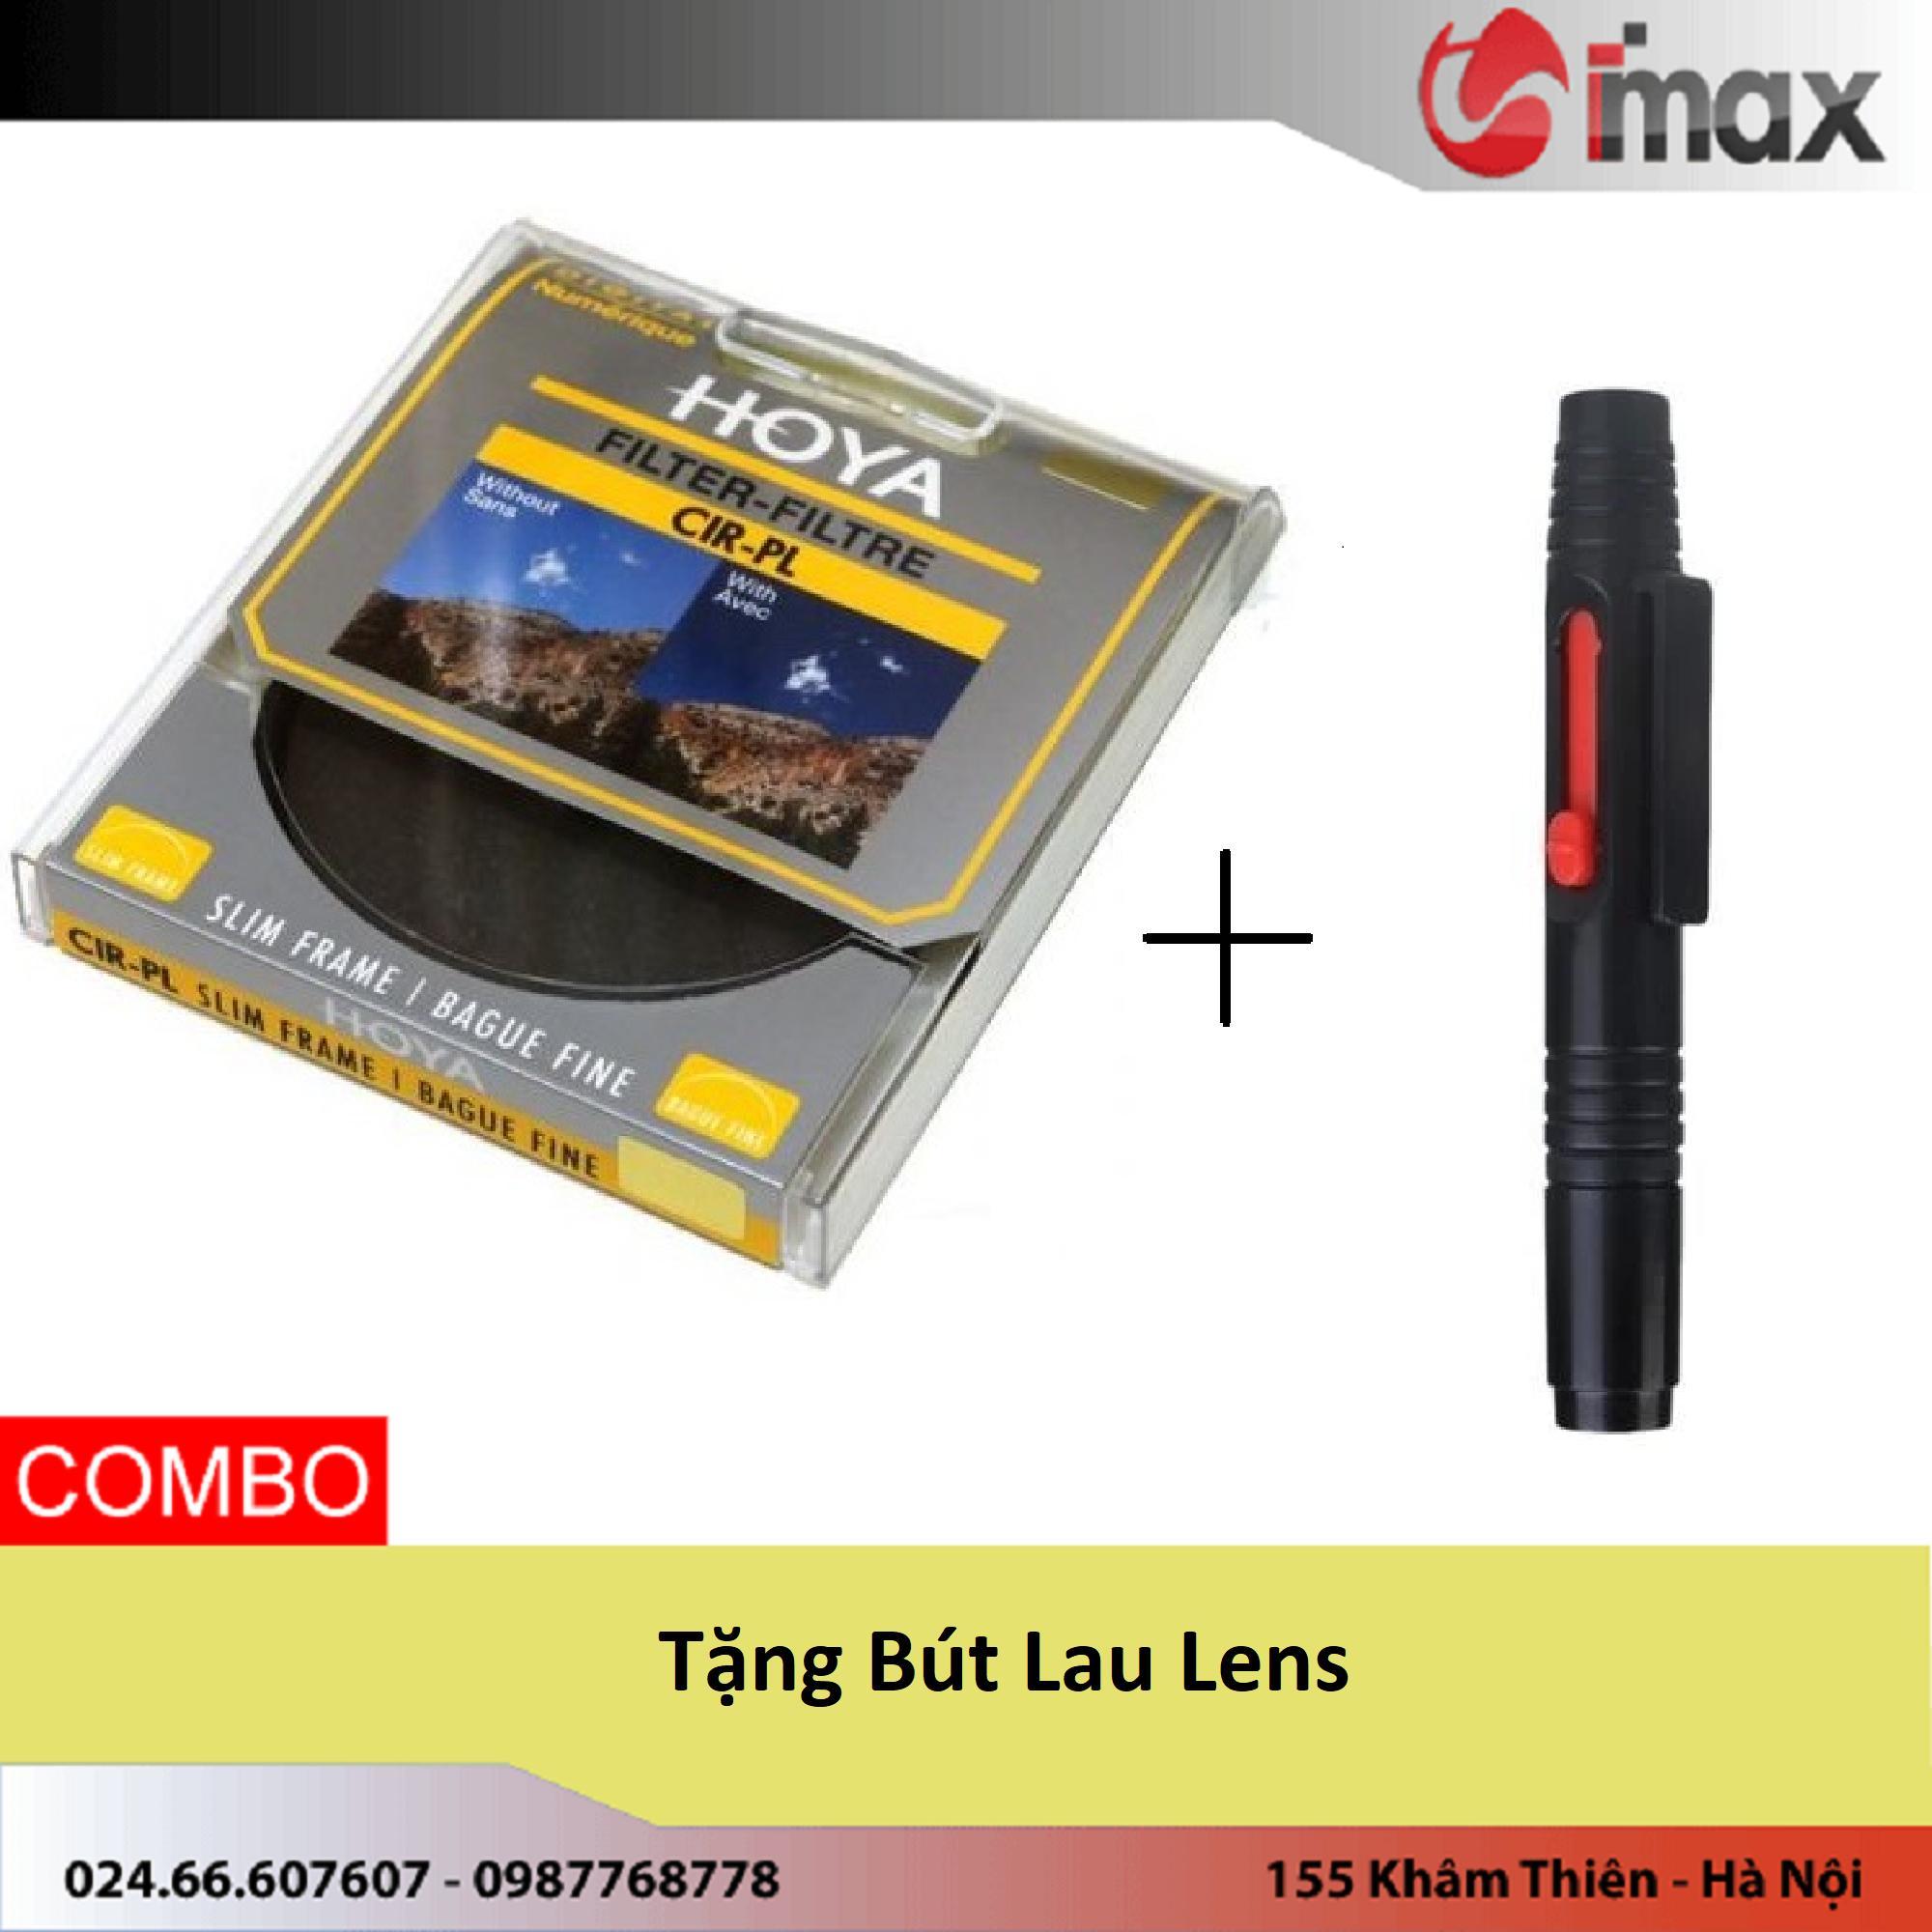 Bán Mua Kinh Lọc Filter Hoya Hmc Pl Cir 77Mm But Lau Lens Việt Nam